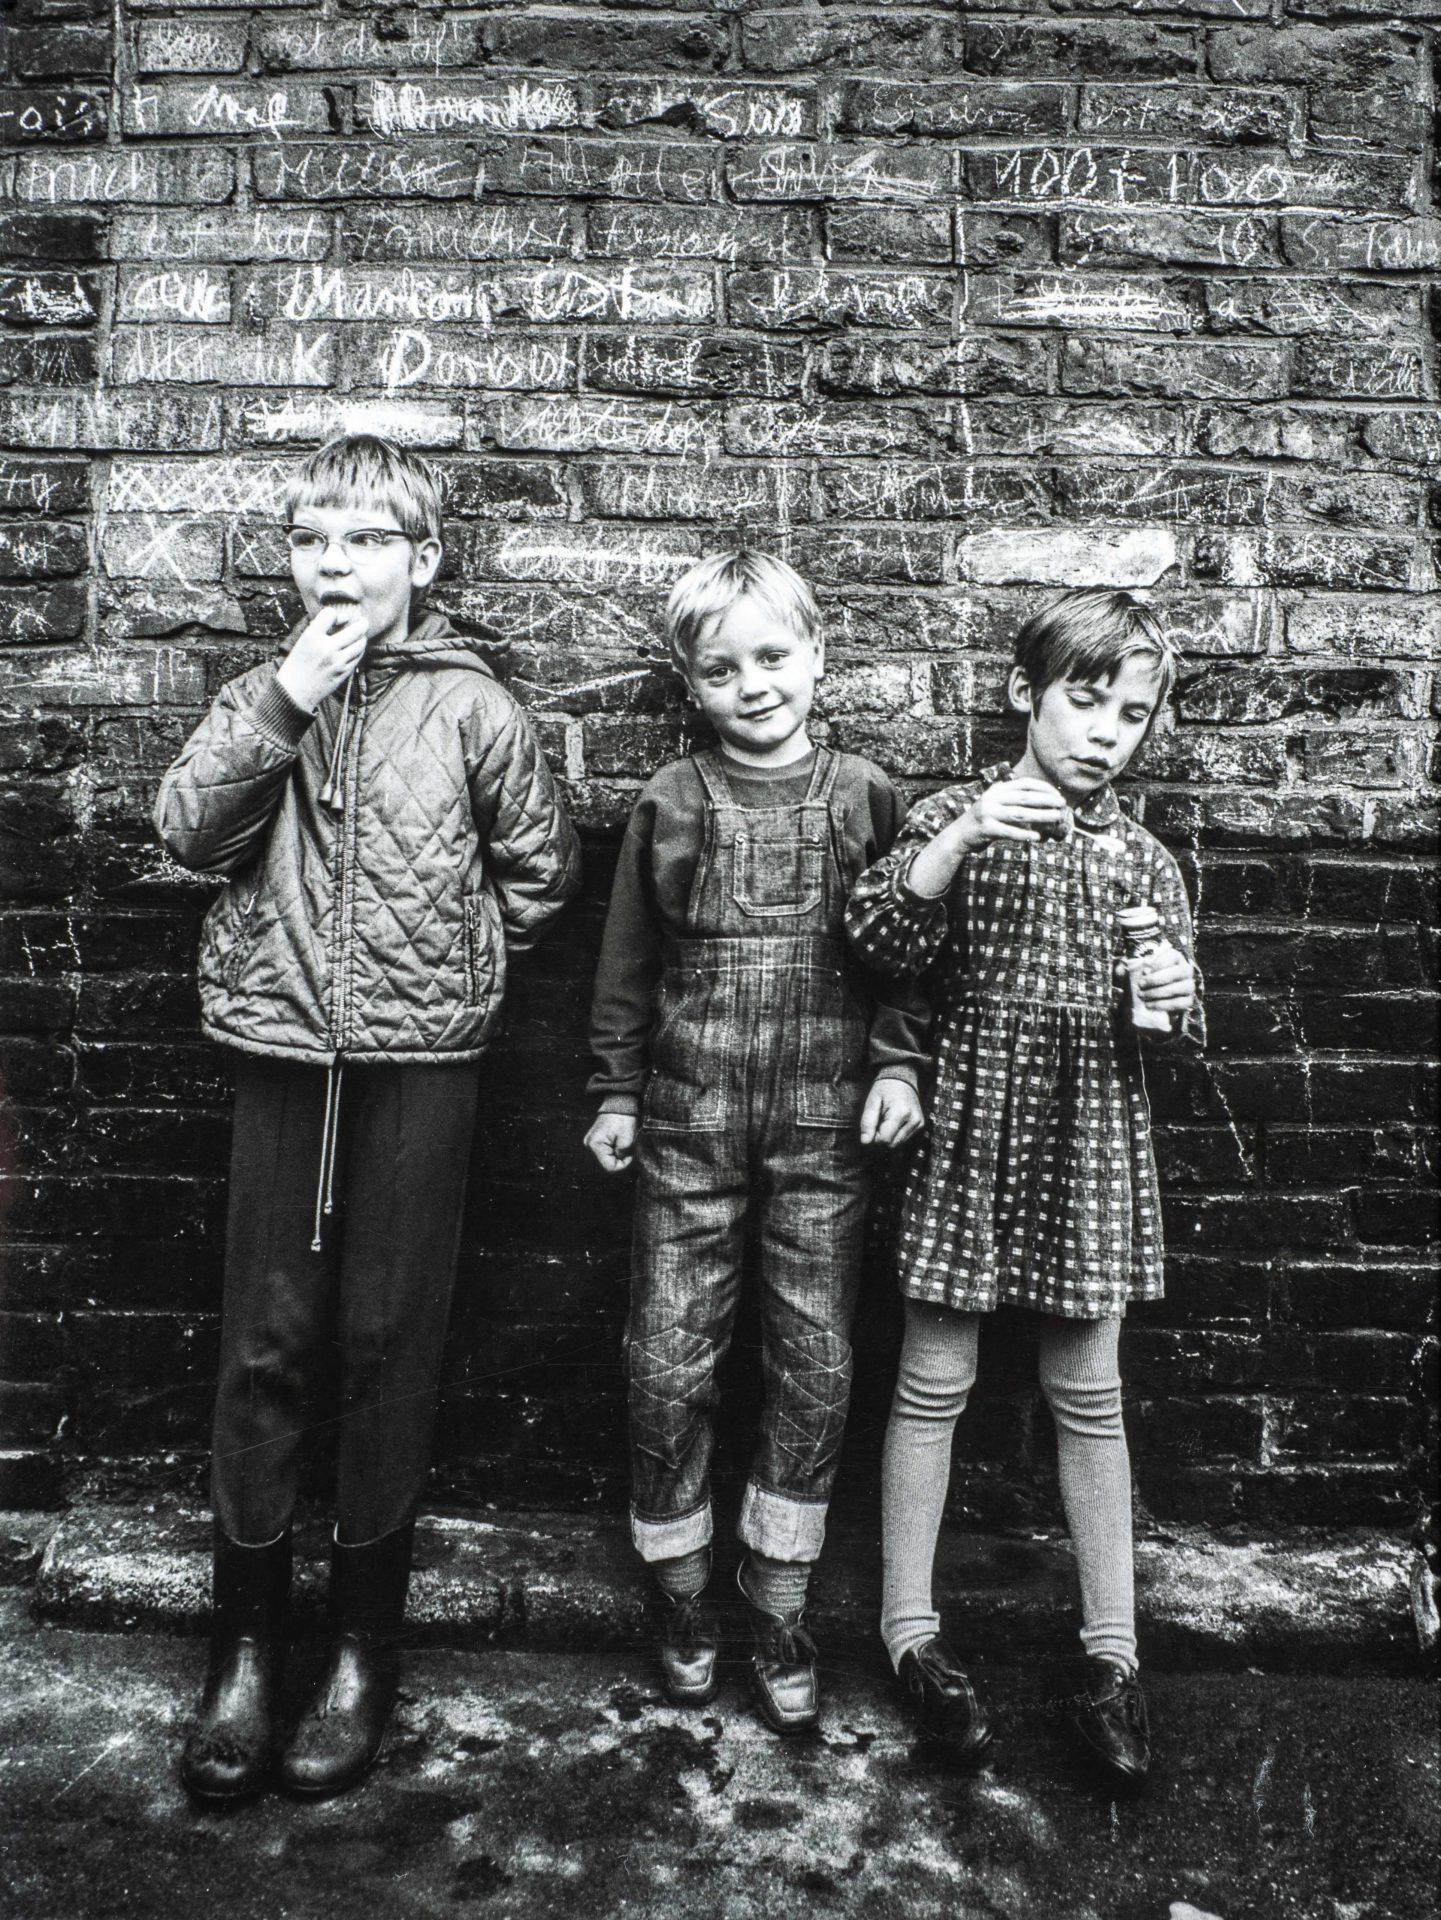 Kinder in einem Vorort Duisburgs, 1969. Foto: Wolfgang P. Schreier.